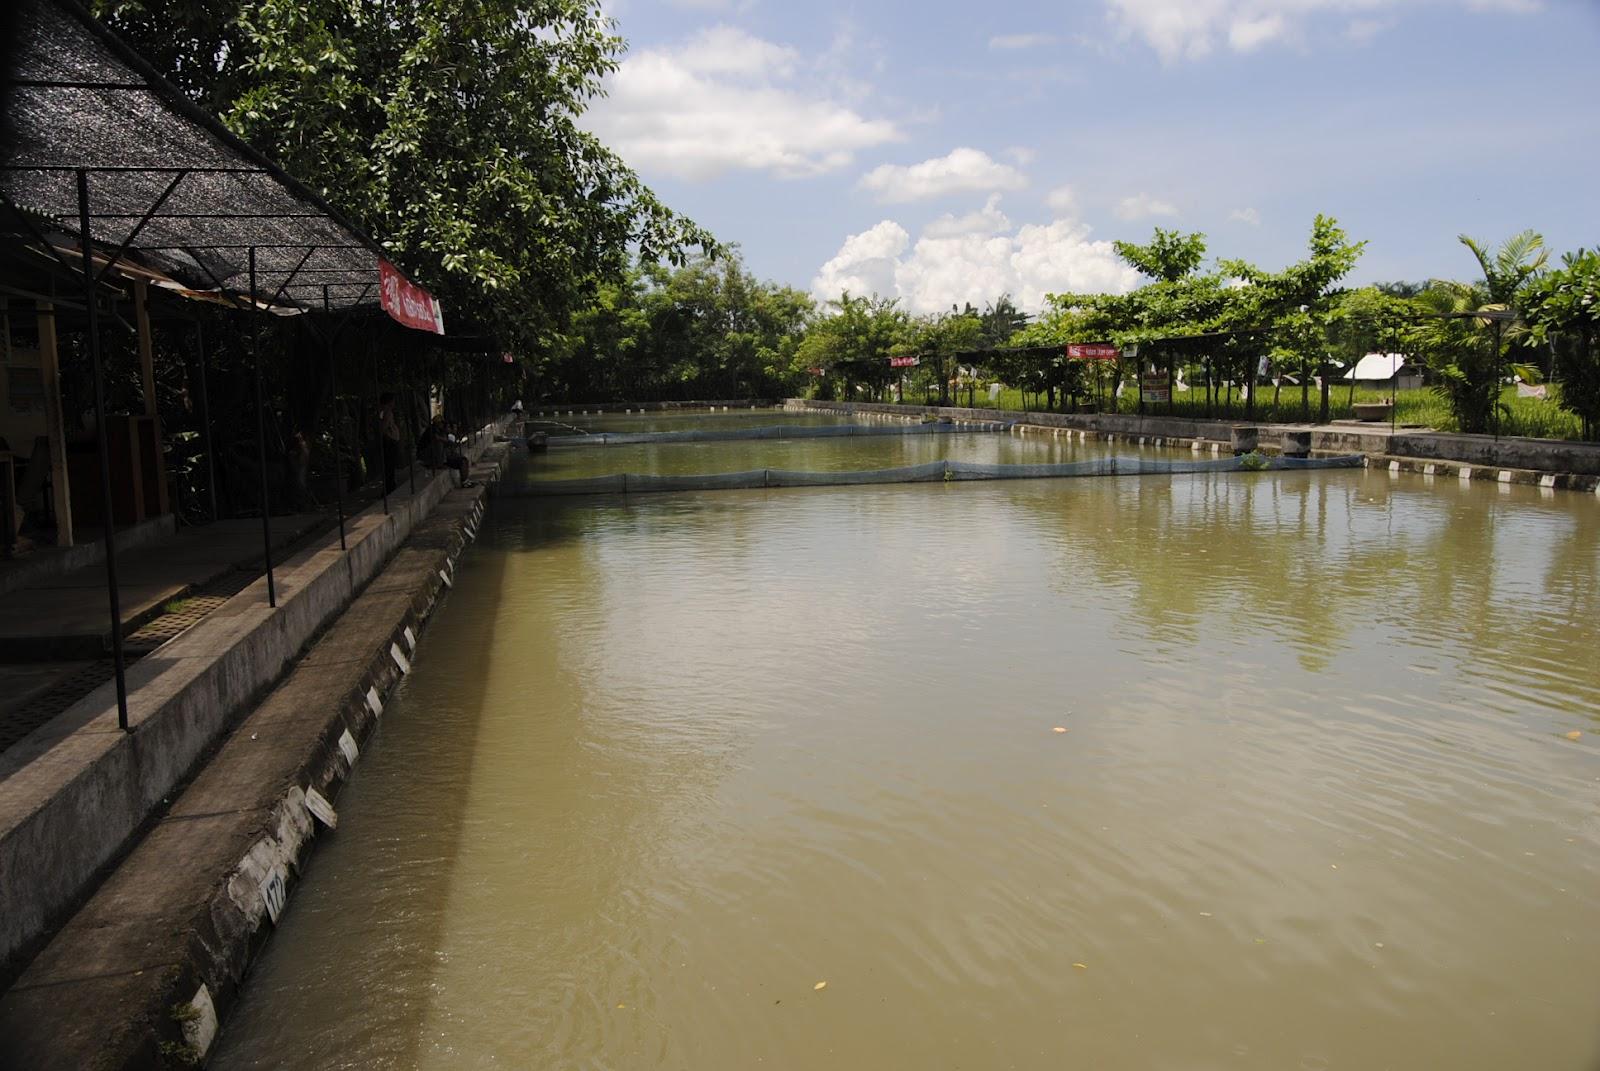 Kolam Pancing Desa Kesiman Kertalangu Budaya Kota Denpasar